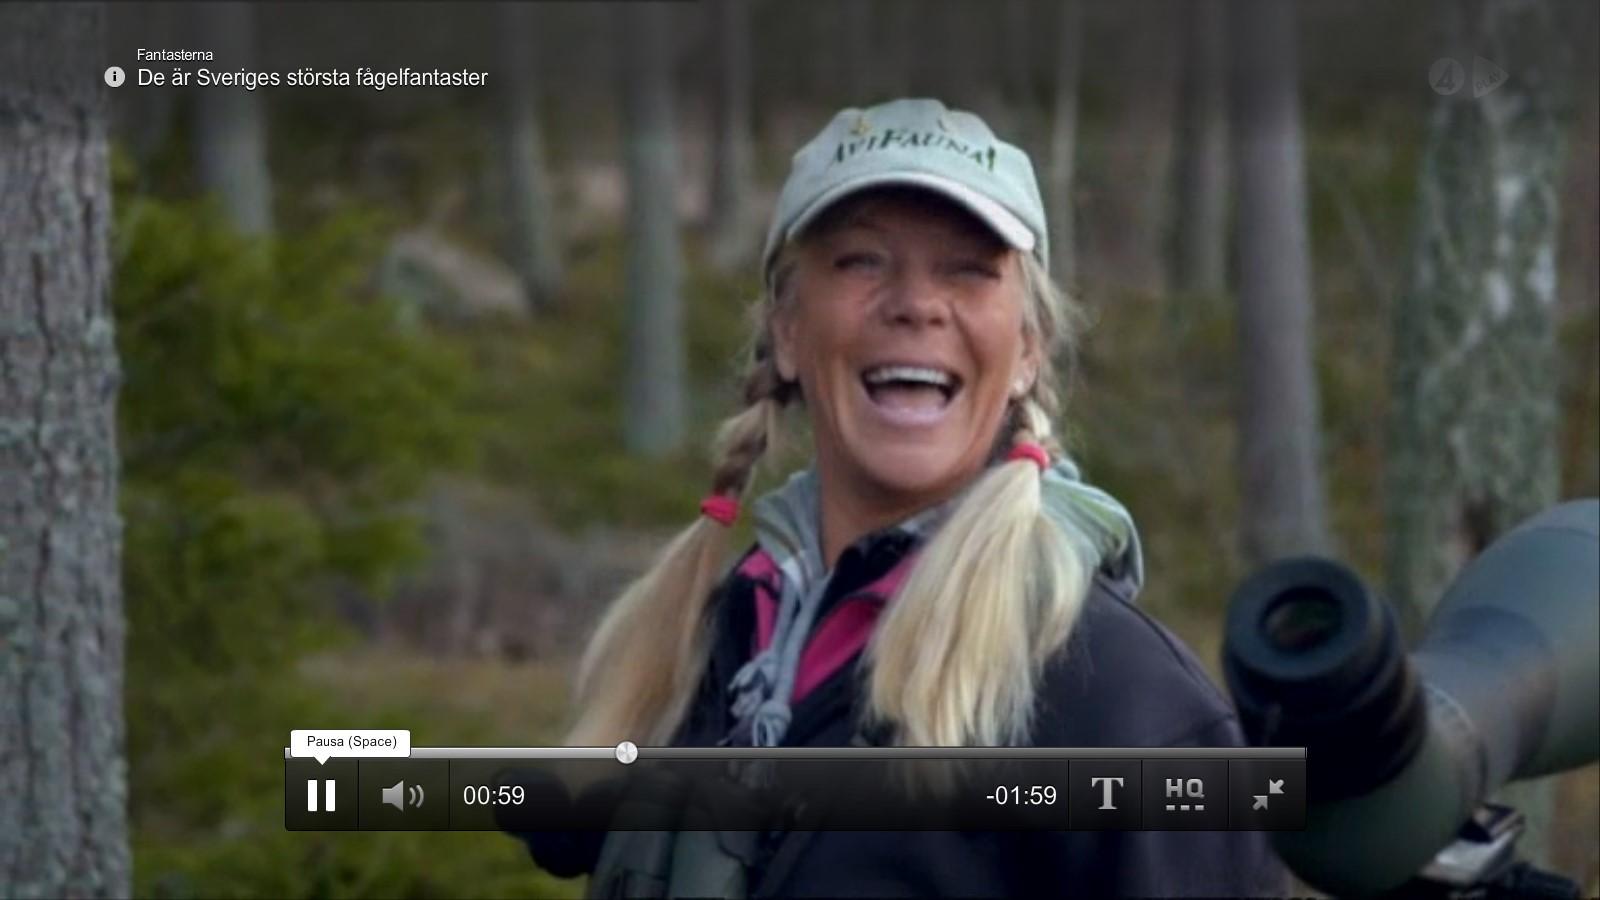 Gigi Fantasterna Tv 4